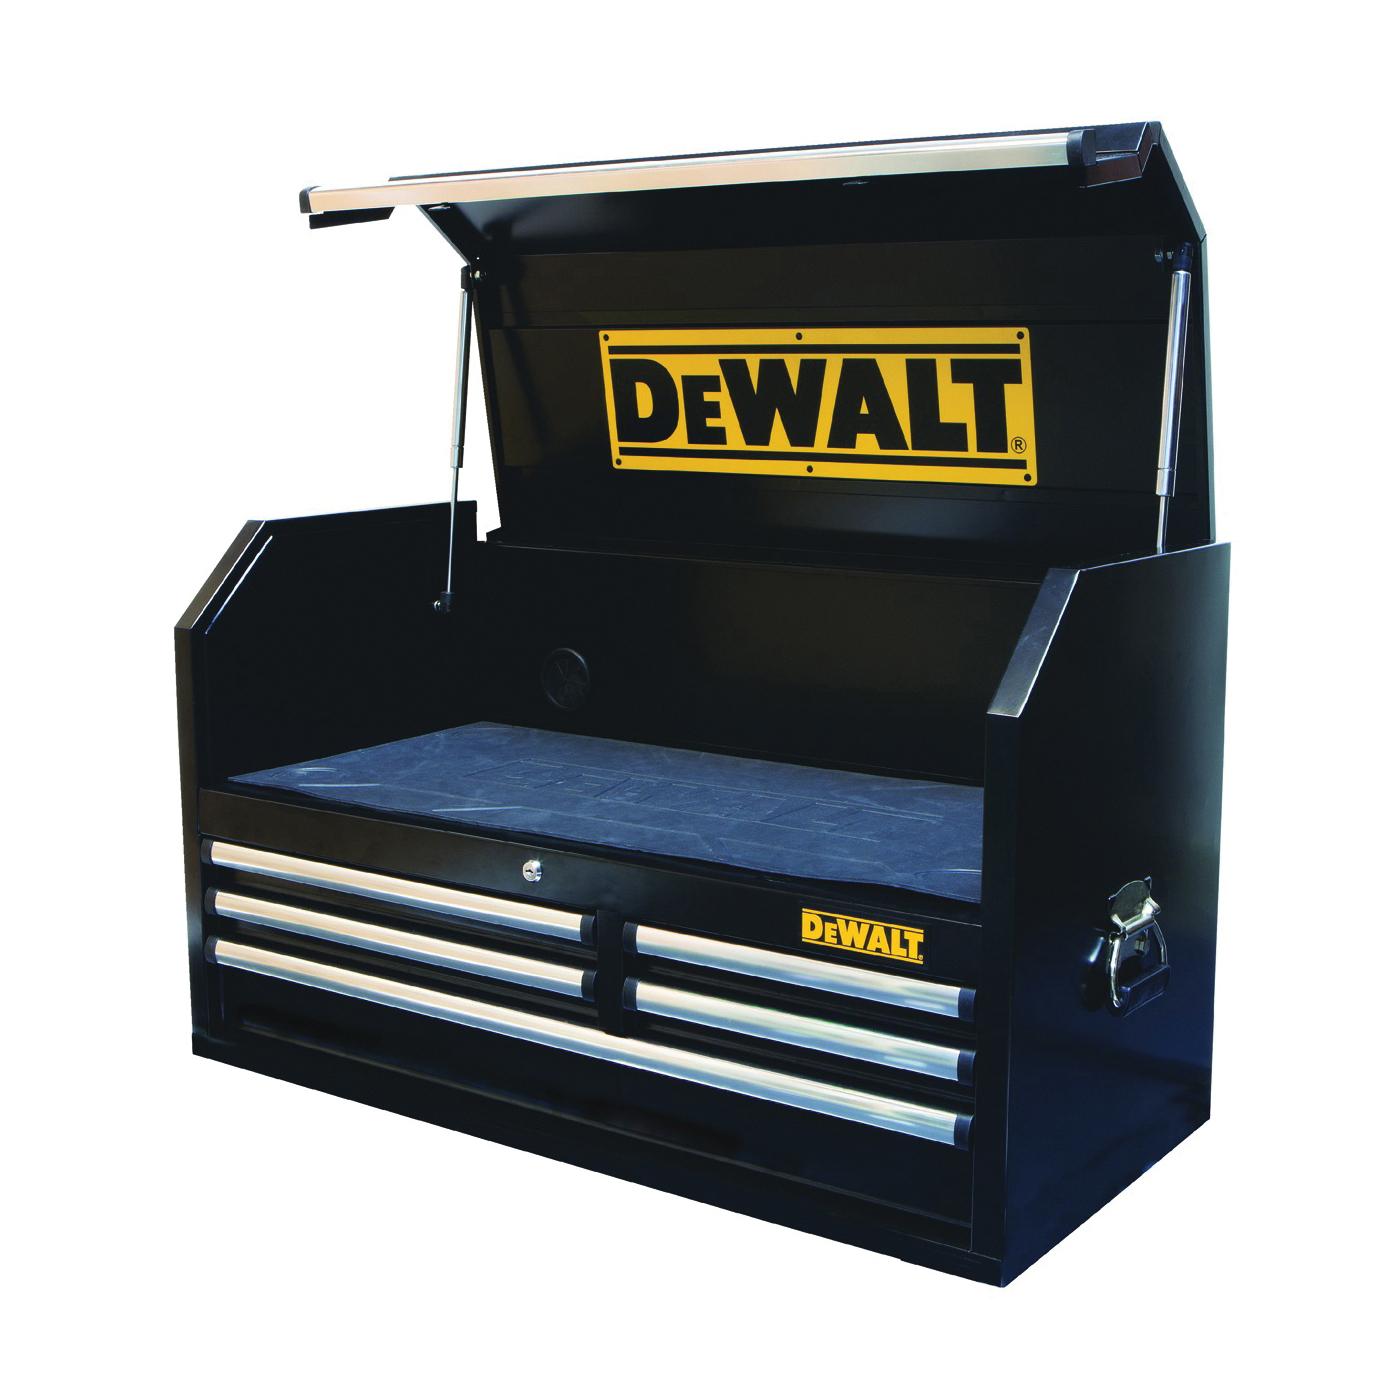 Picture of DeWALT DWMT81244 Top Chest Metal Storage, 100 lb, 40 in OAW, 23 in OAH, 18 in OAD, Steel, Black, 5 -Drawer